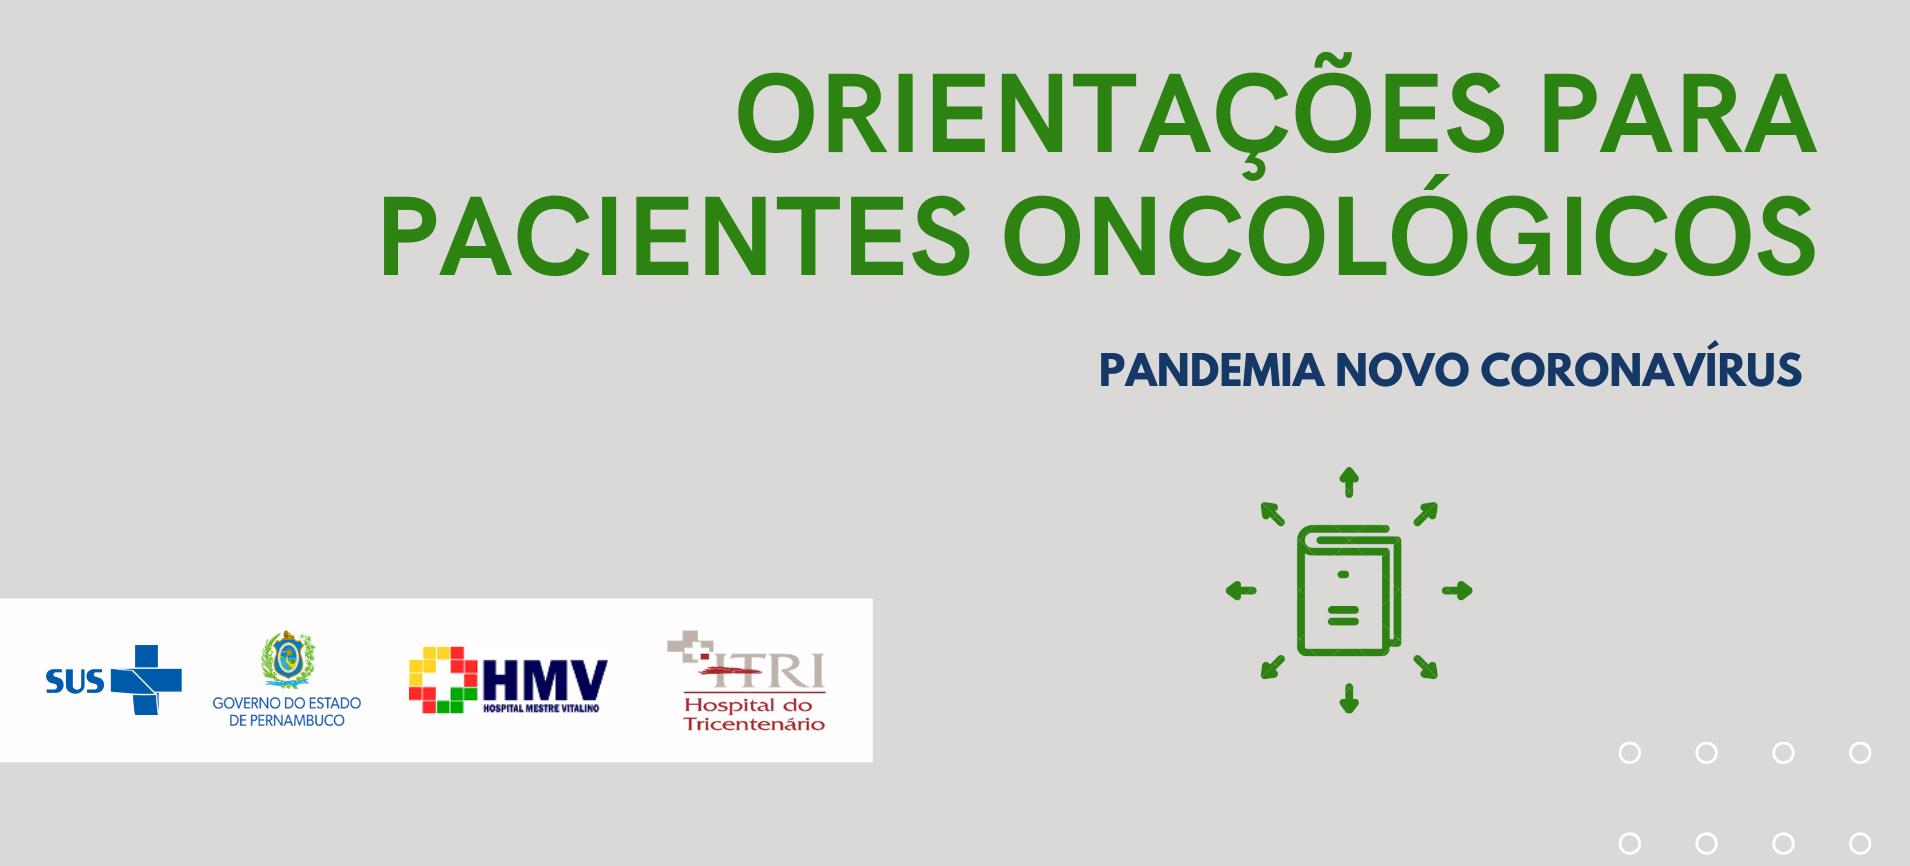 HMV emite orientações para os pacientes oncológicos